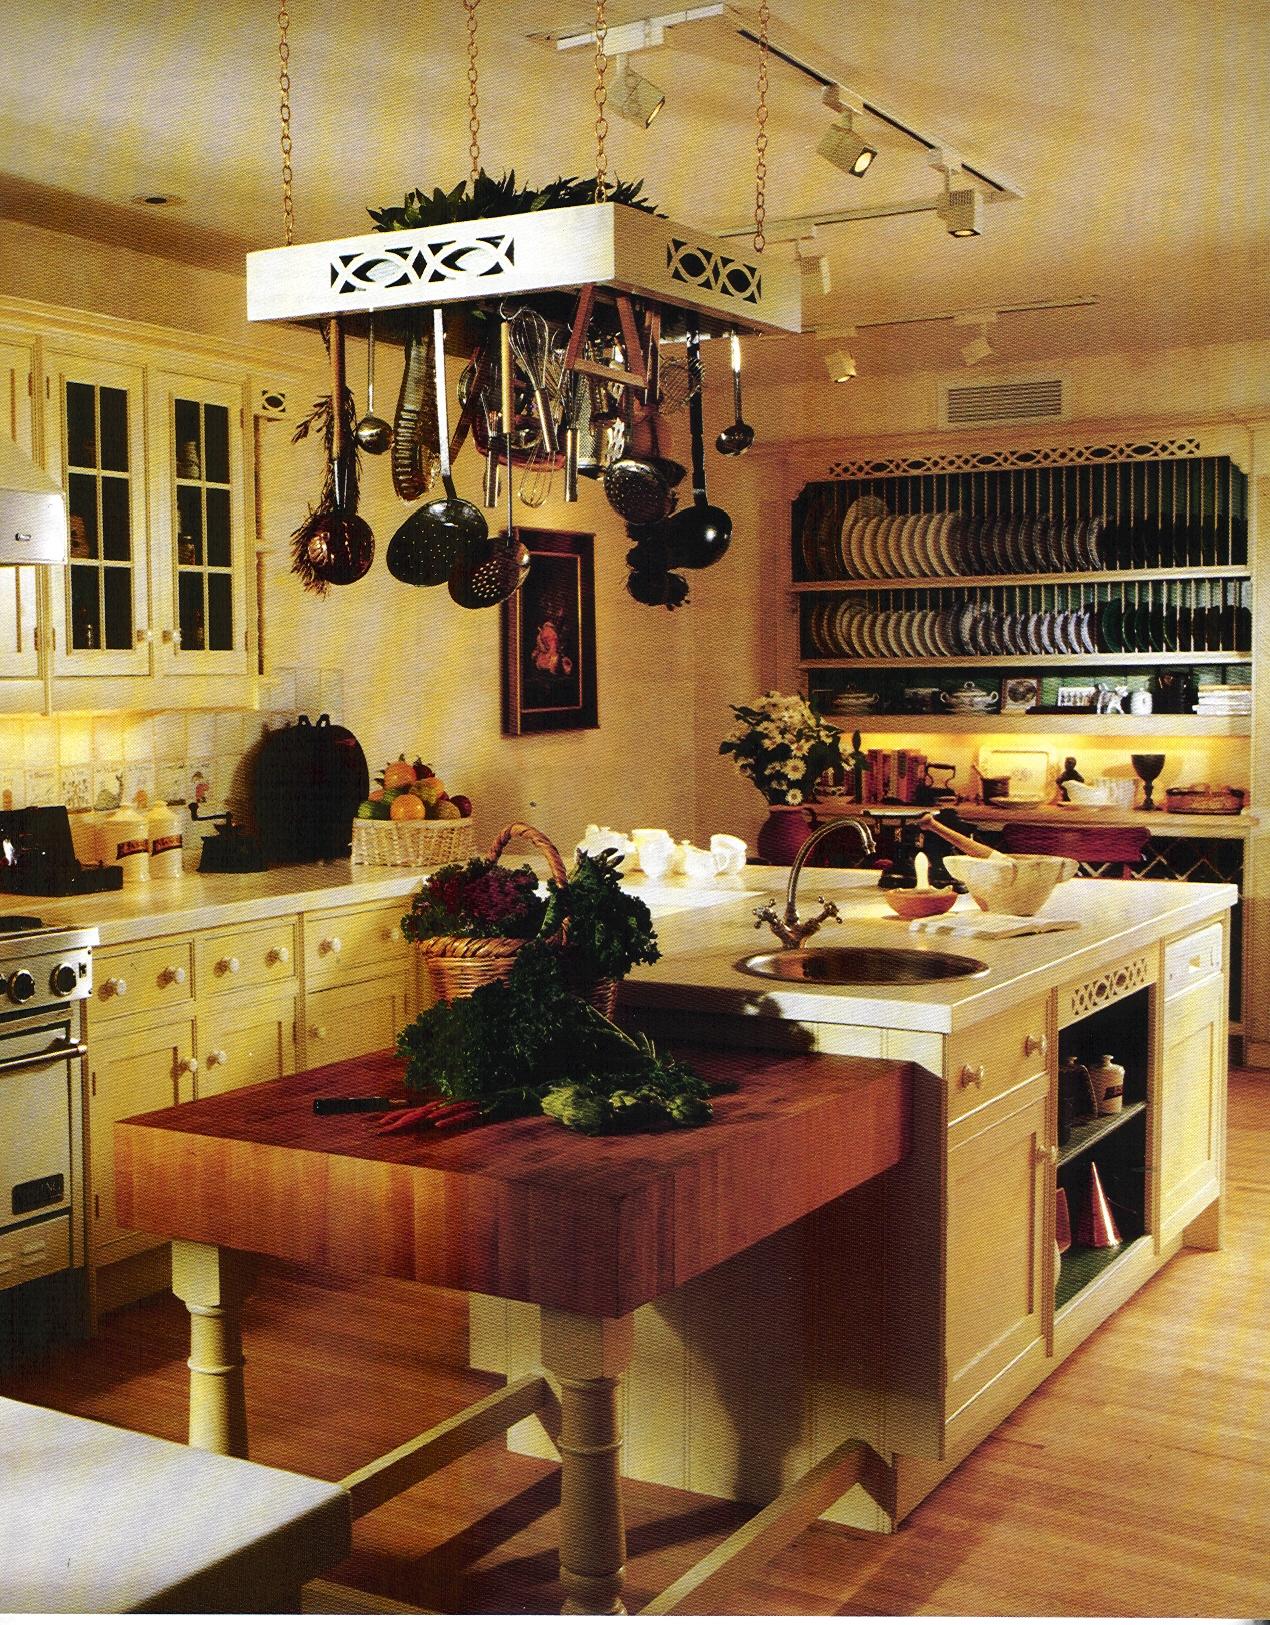 Bklyn Heights Brownstone Kitchen.JPG